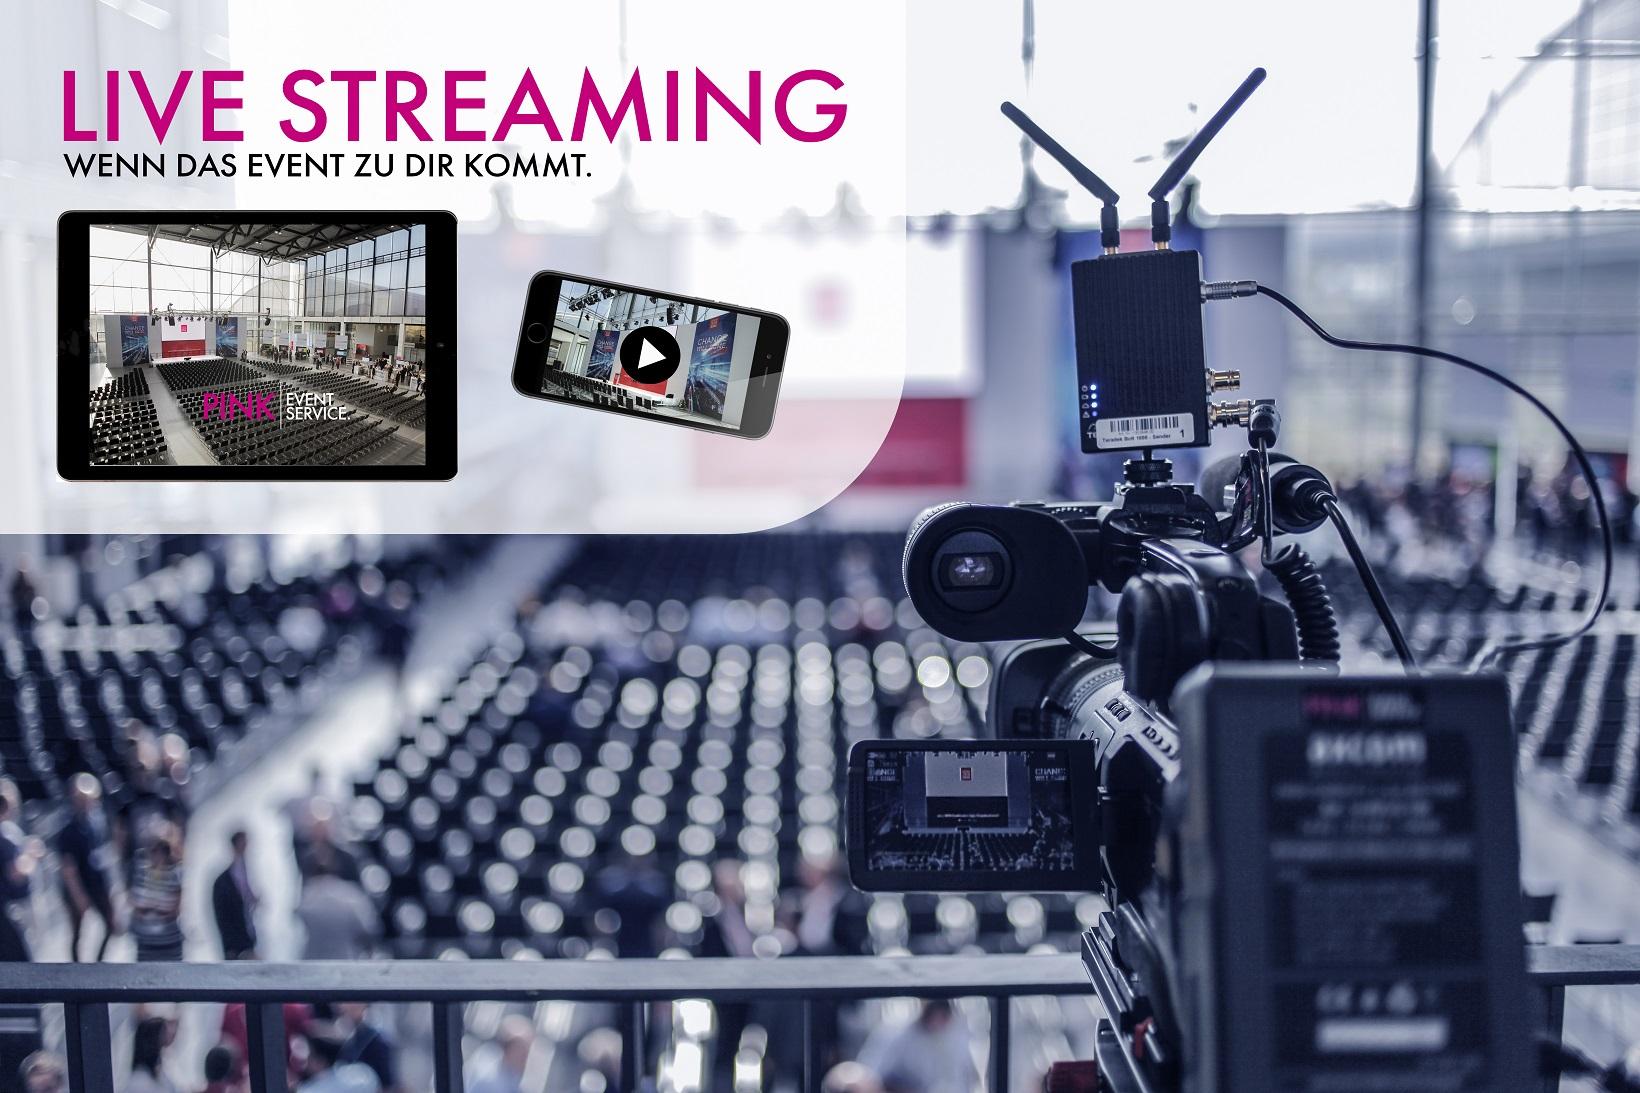 Corona-Virus-Livestream-statt-Events-und-Kongresse-mit-Medientechnik-von-PINK-Event-Service-in-Karlsruhe-und-Frankfurt5e85aea7517f9